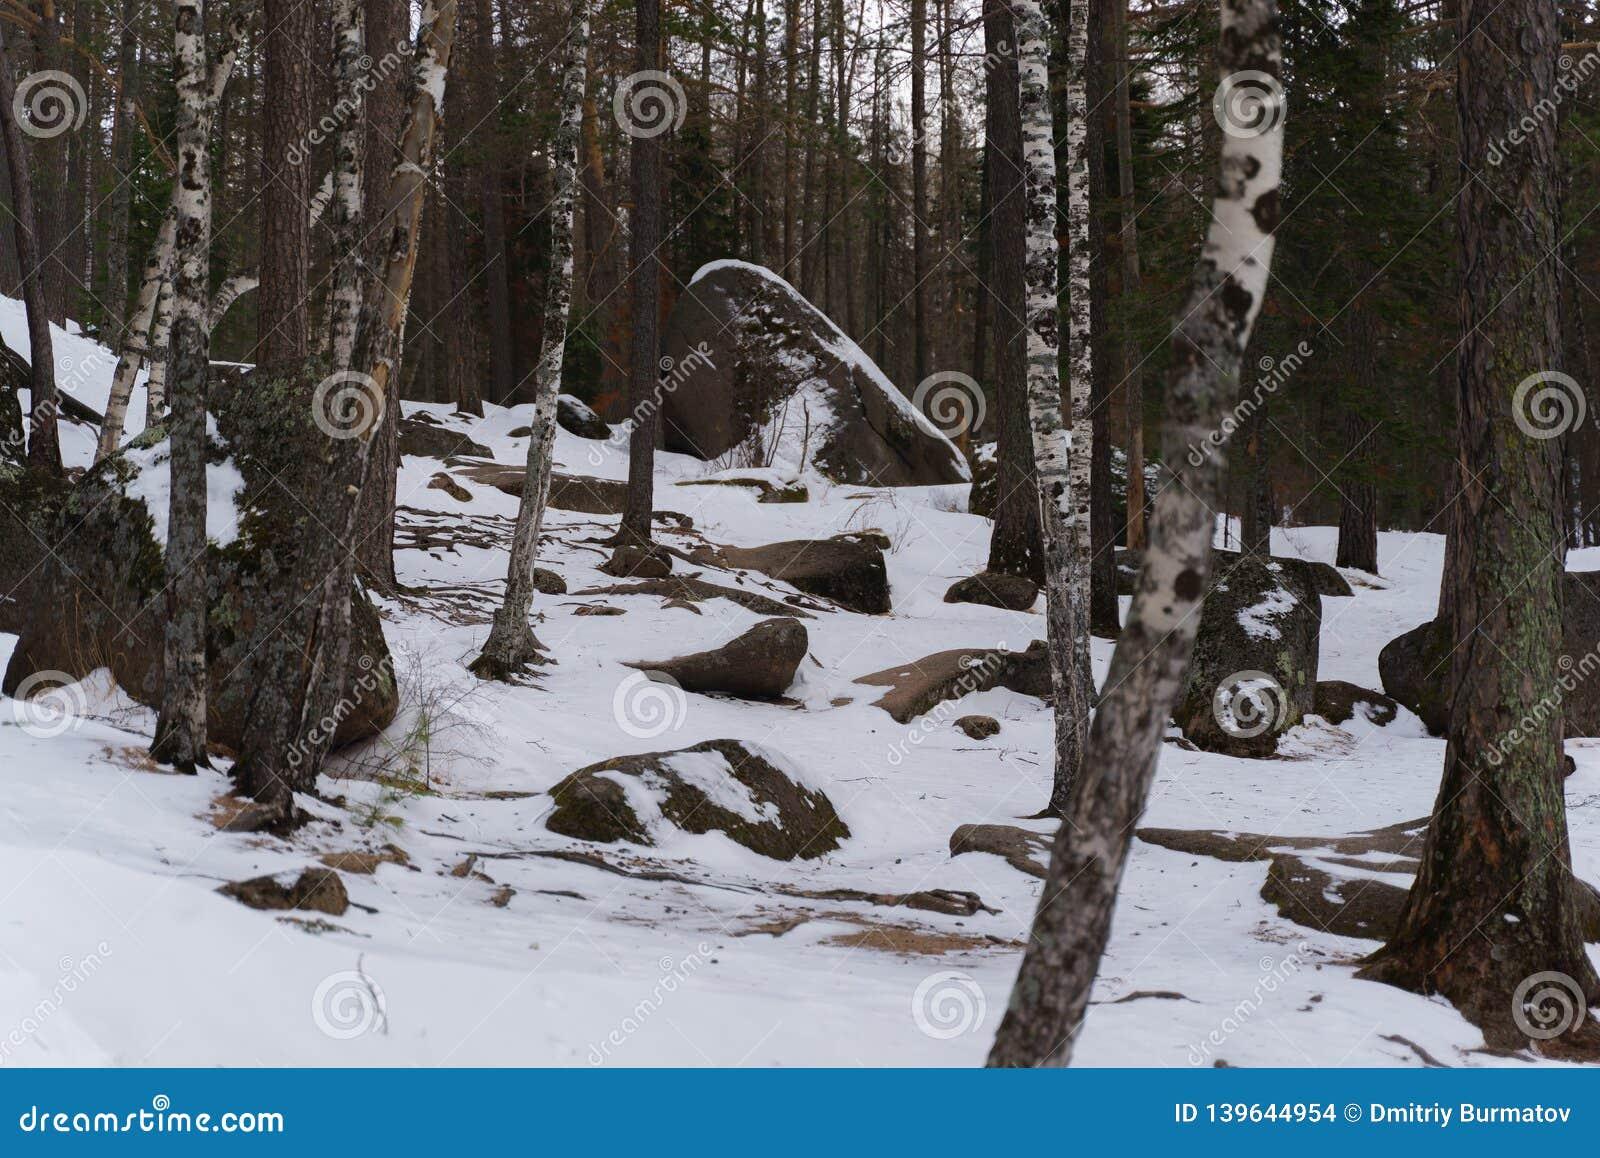 Reusachtige keien en stenen in het midden van een sneeuwbos